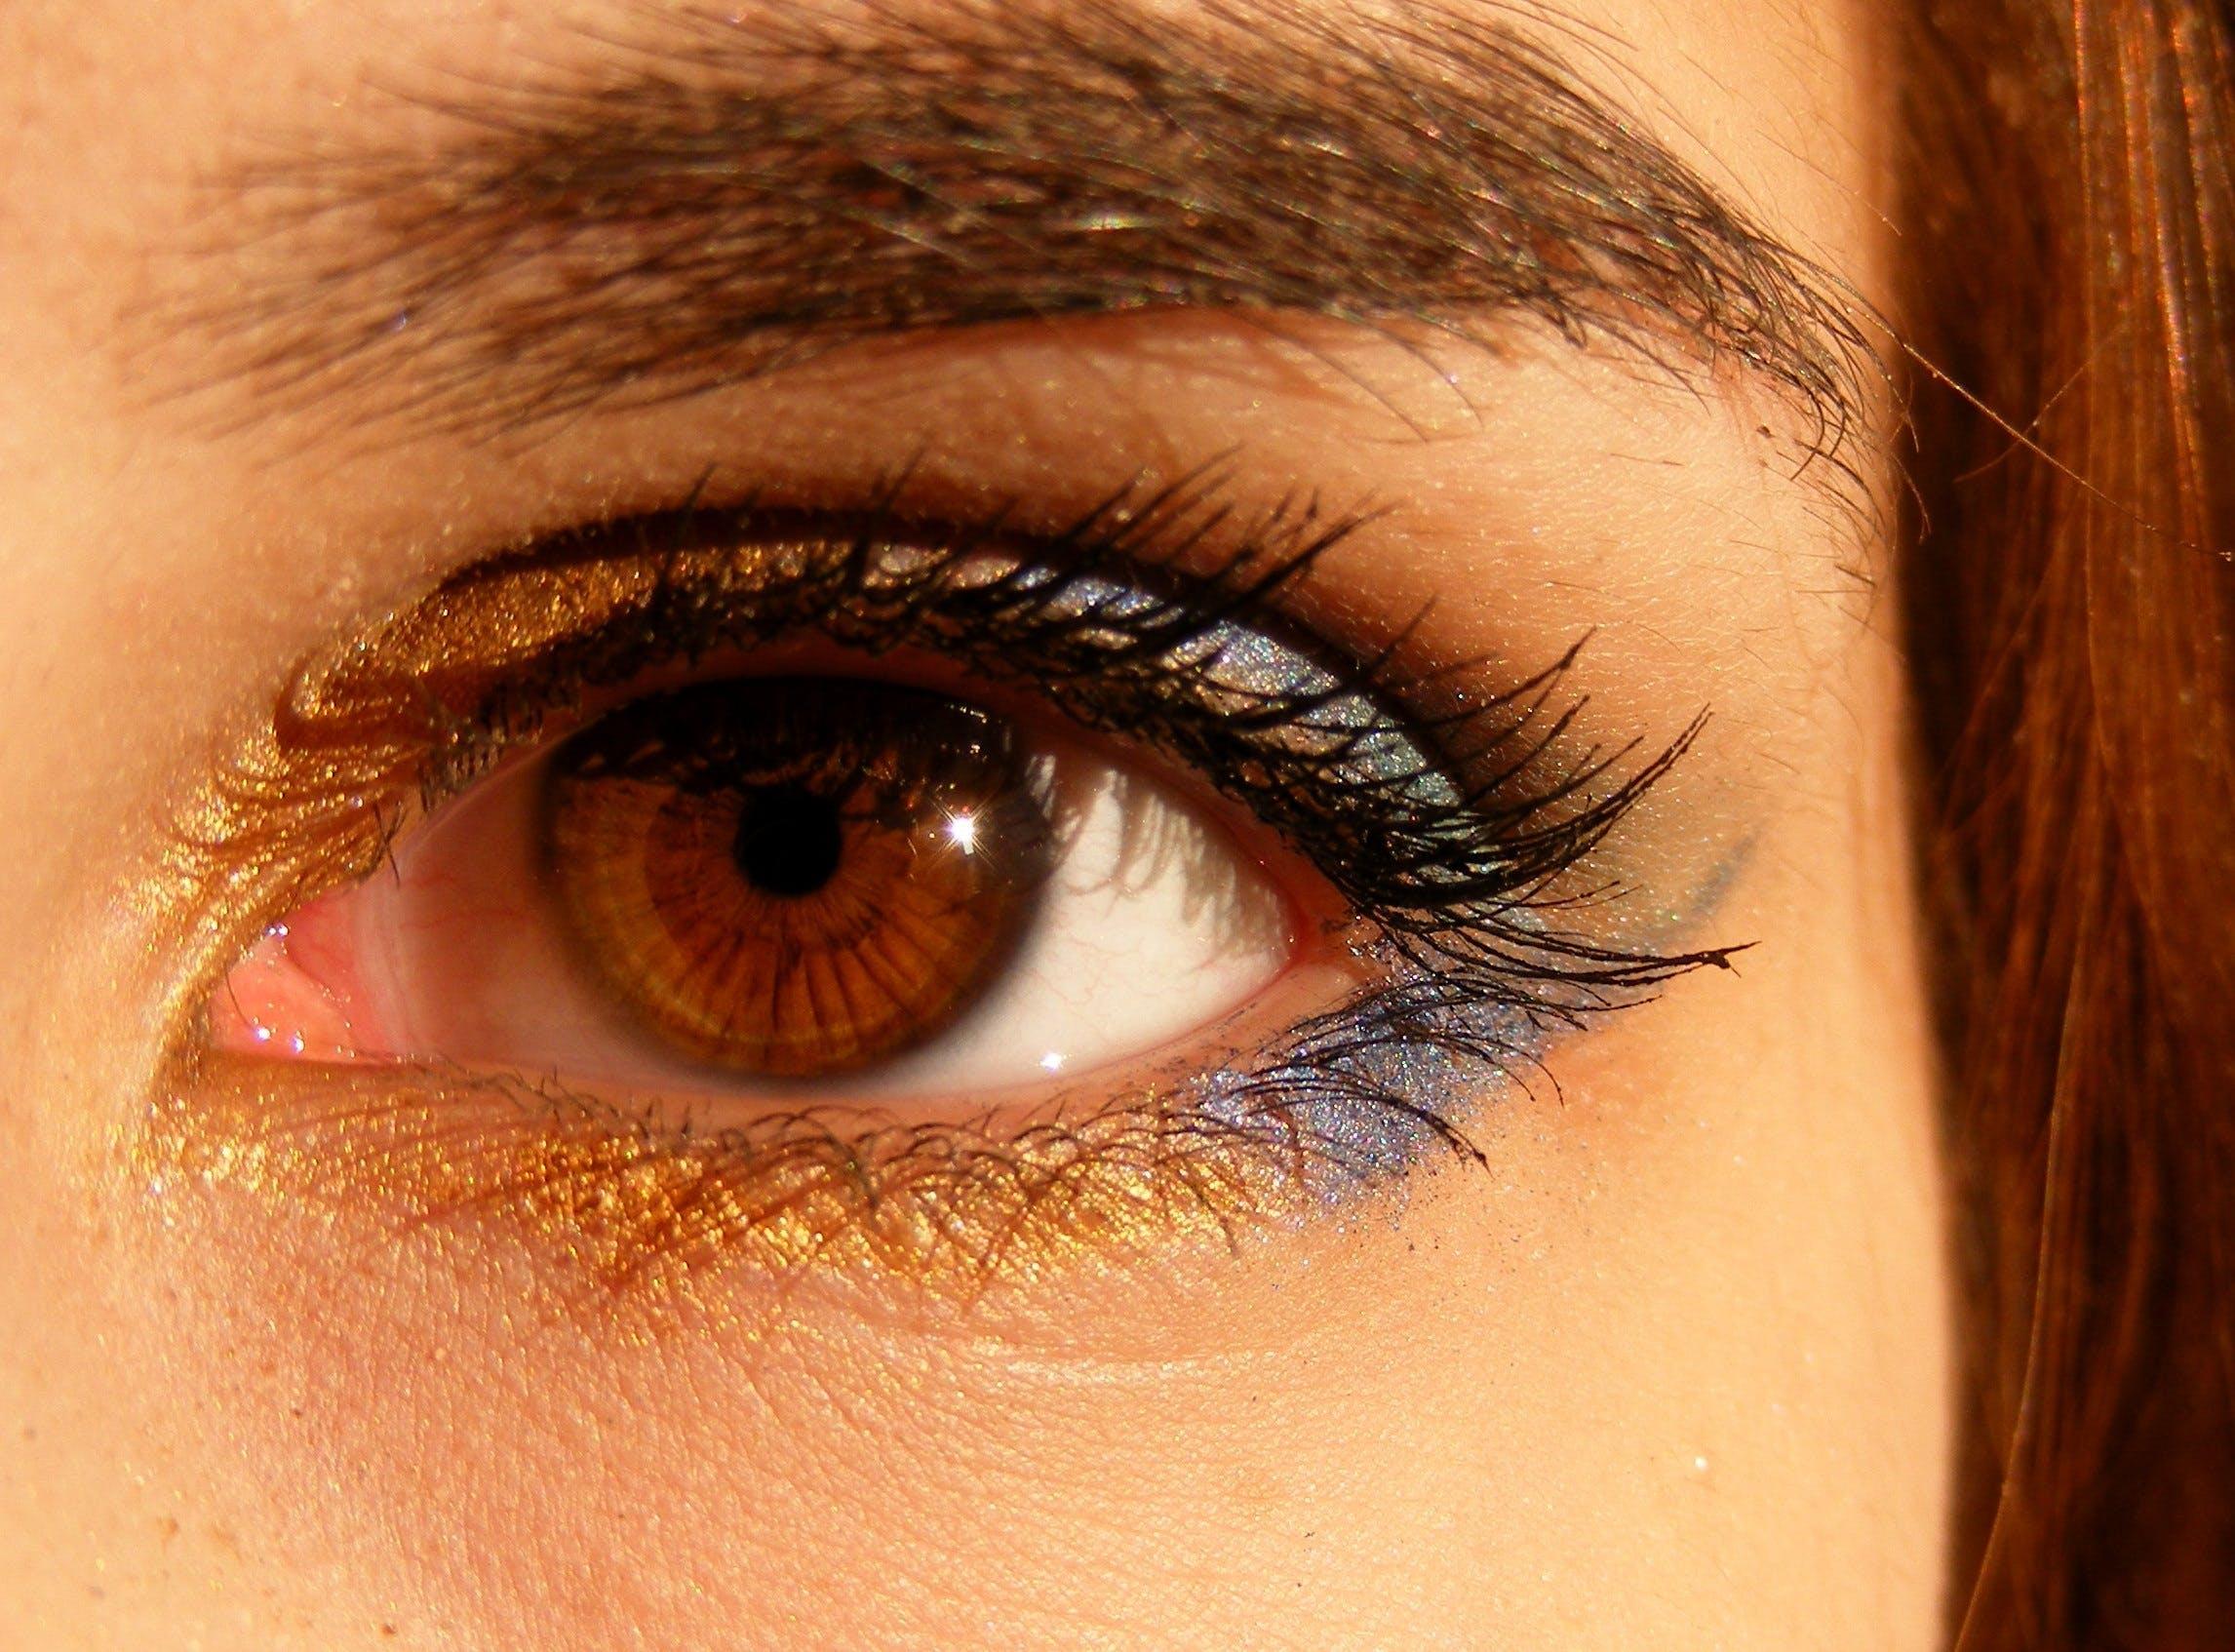 Kostnadsfri bild av flicka, närbild, öga, ögonbryn